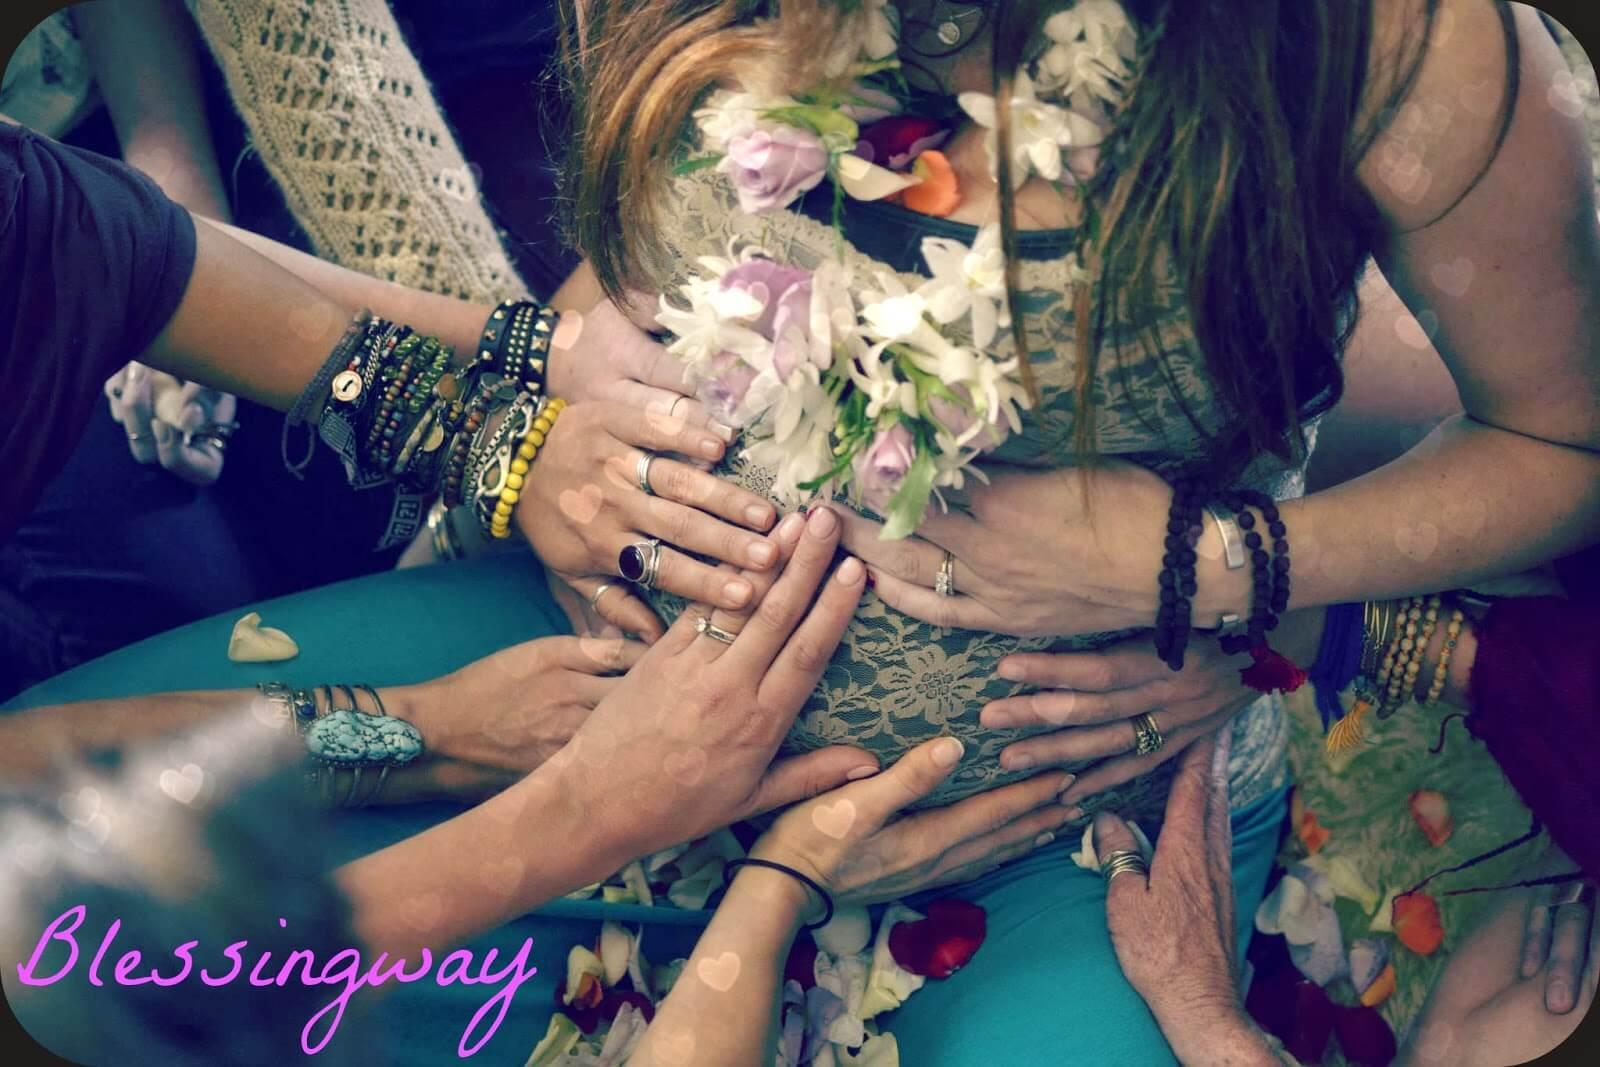 blogue agatha, le Blessing Way : Un baby shower qui n'en est pas un!, bénédiction